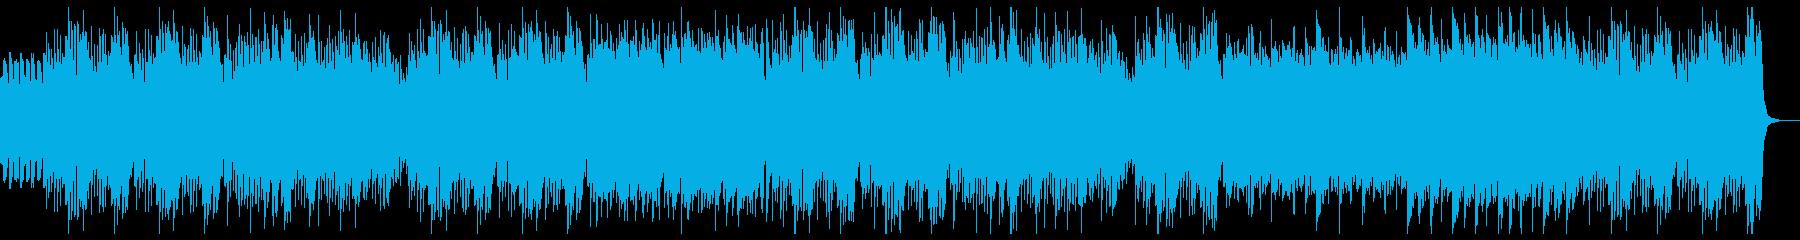 明るく楽しいキッズピアノ:スネア木琴なしの再生済みの波形